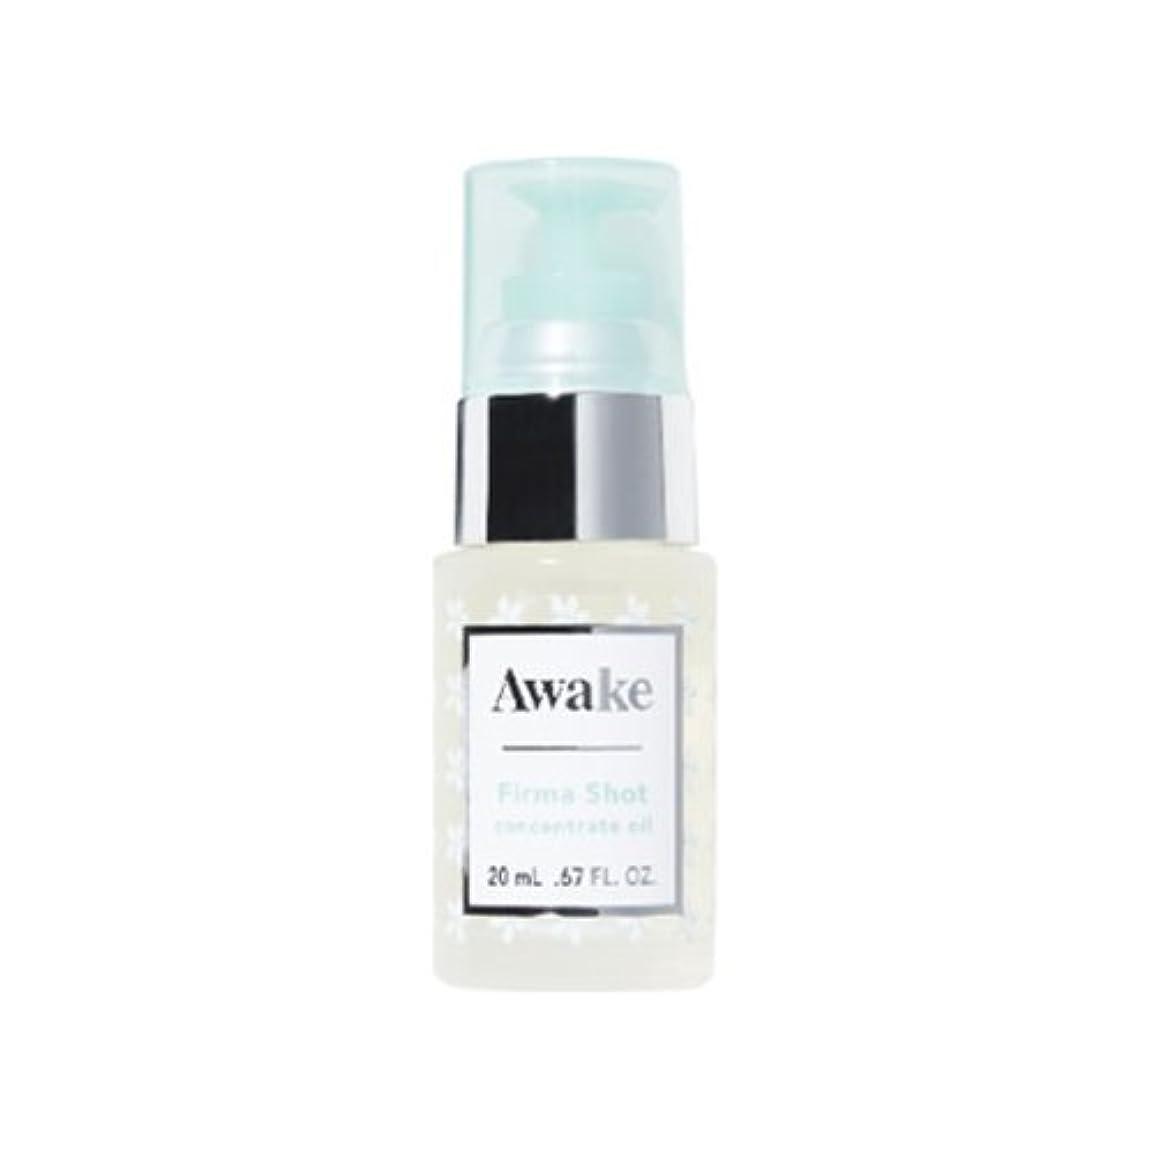 中で優しさ繊毛アウェイク(AWAKE) Awake(アウェイク) ファーマショット コンセントレイトオイル 〈美容オイル〉 (20mL)